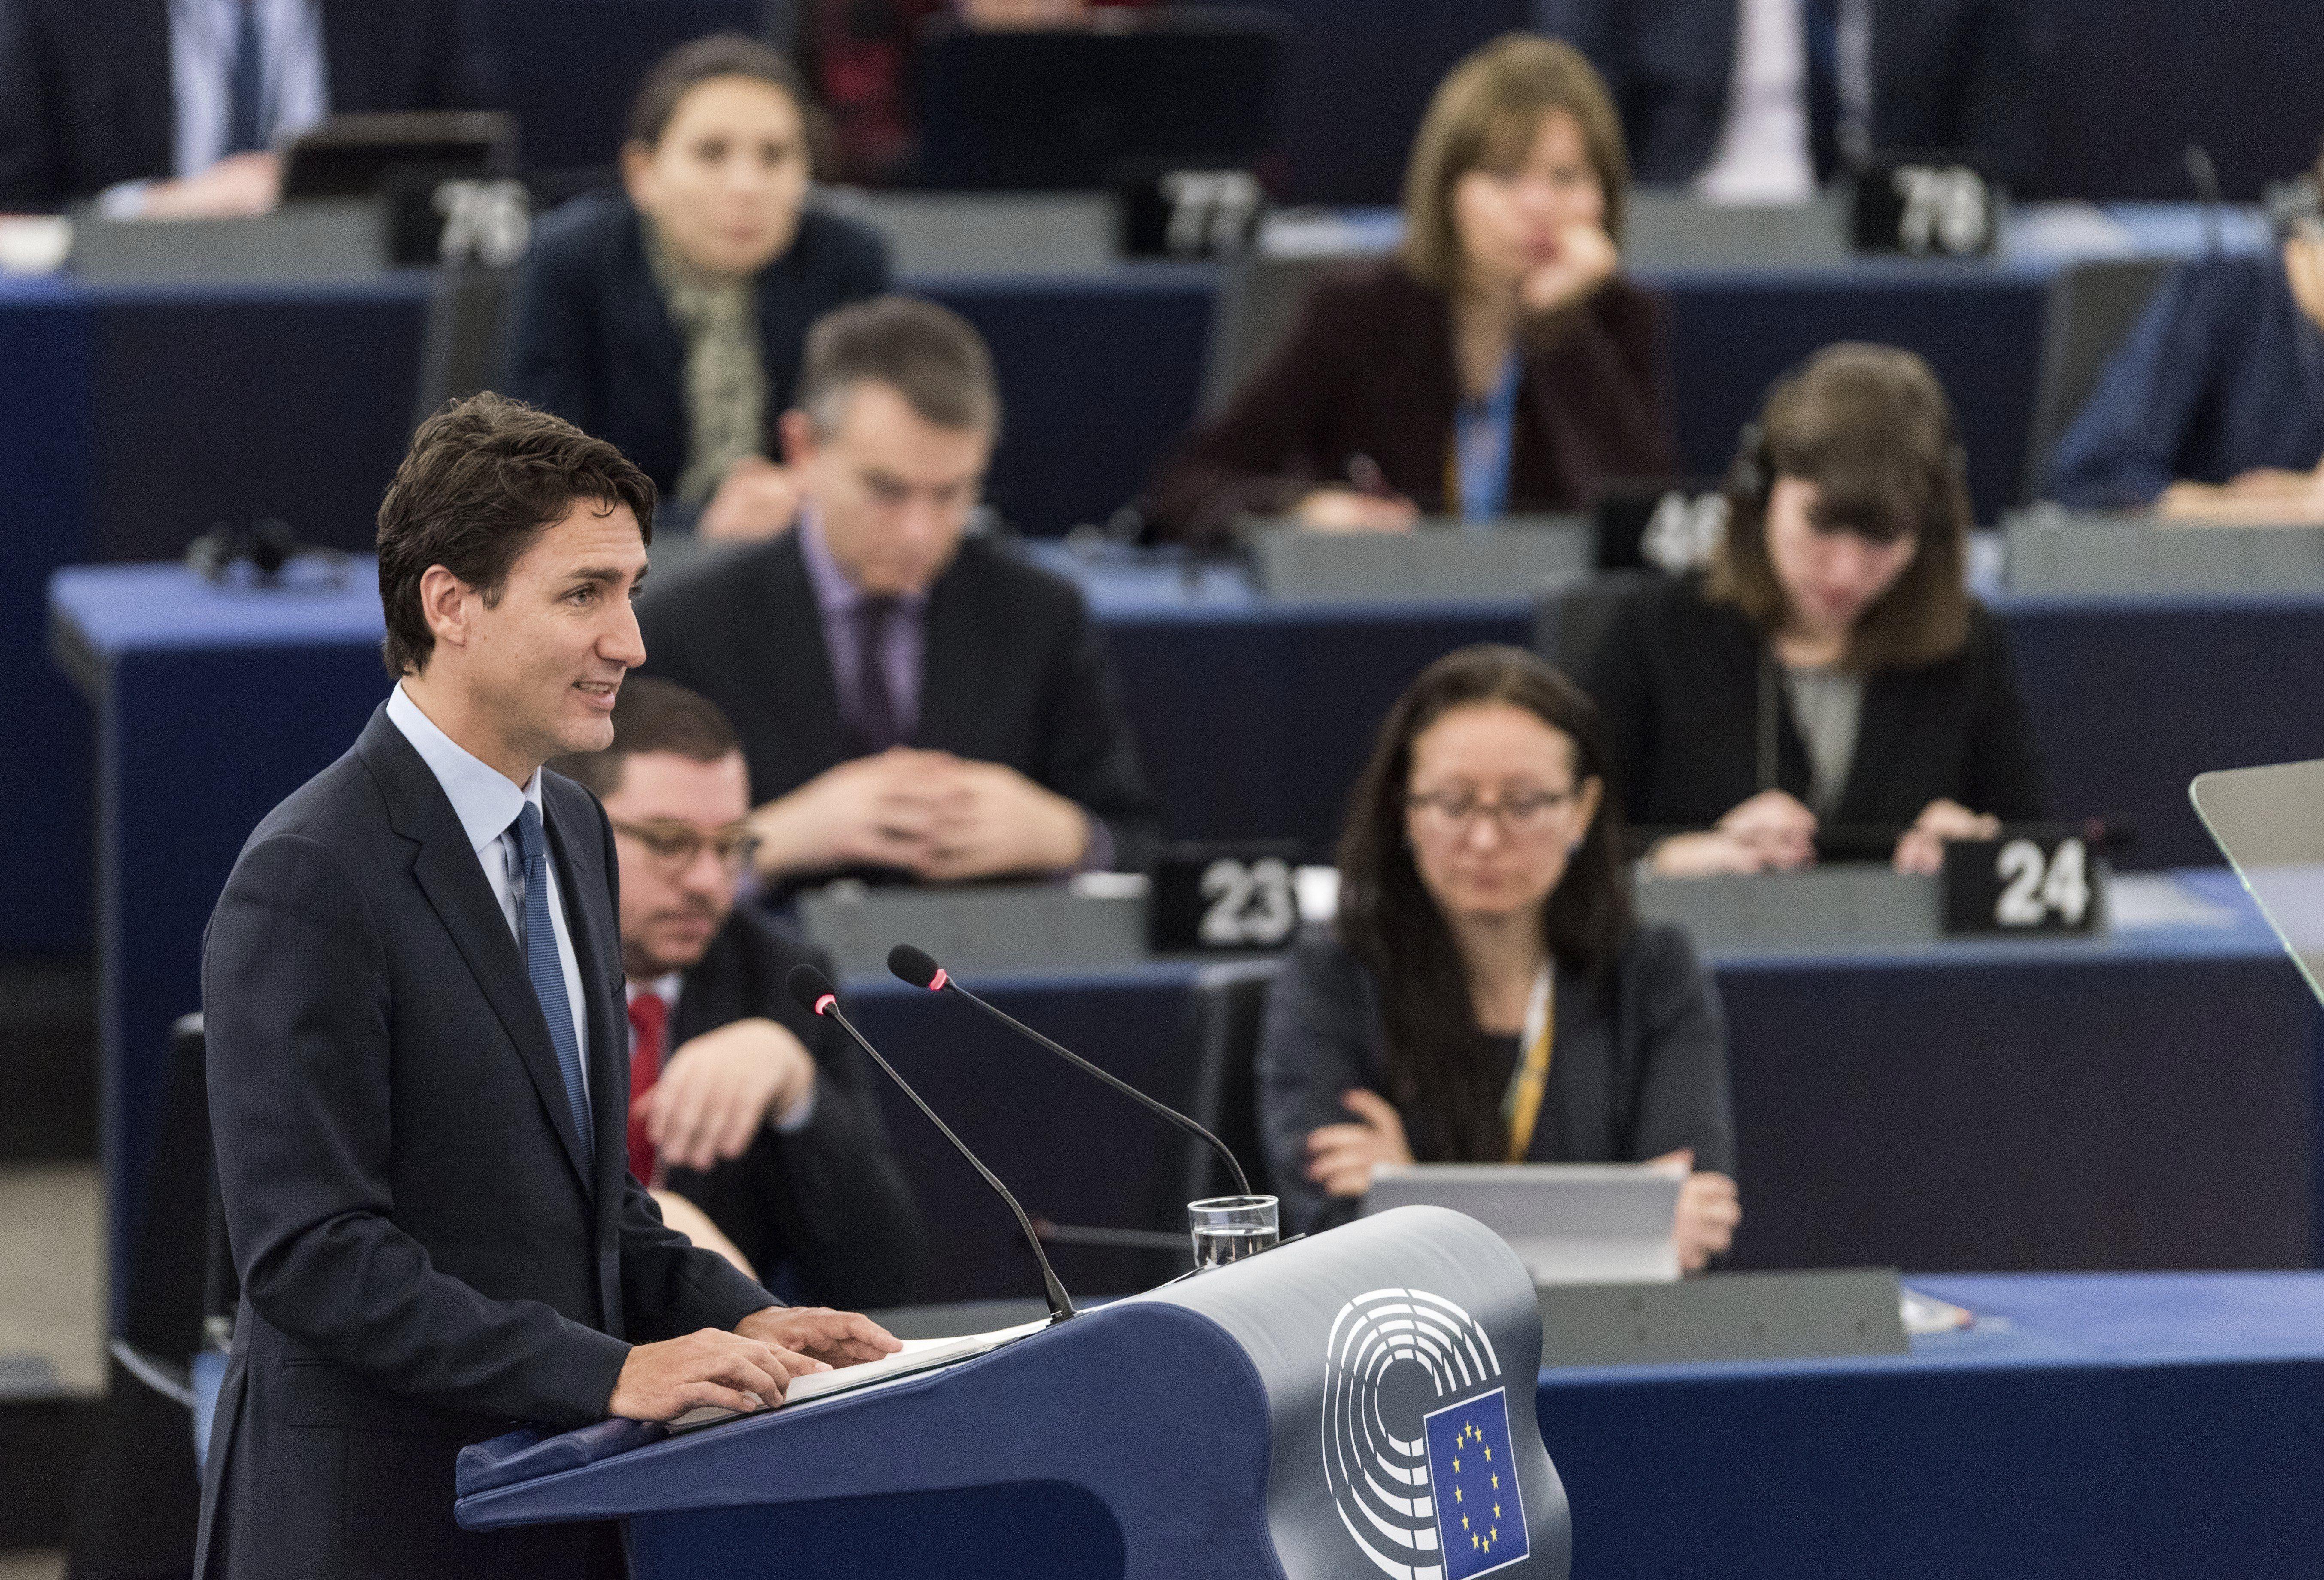 """STR017 ESTRASBURGO (FRANCIA) 16/02/2017.- El primer ministro de Canadá, Justin Trudeau, da un discurso ante el Parlamento Europeo en Estrasburgo (Francia) hoy, 16 de febrero de 2017. Trudeau dijo hoy que la relación entre la Unión Europea y Canadá, más allá del vínculo comercial, pasa por los valores comunes, y que ambos deben hacer frente """"a muchos retos futuros juntos"""". EFE/Patrick Seeger"""